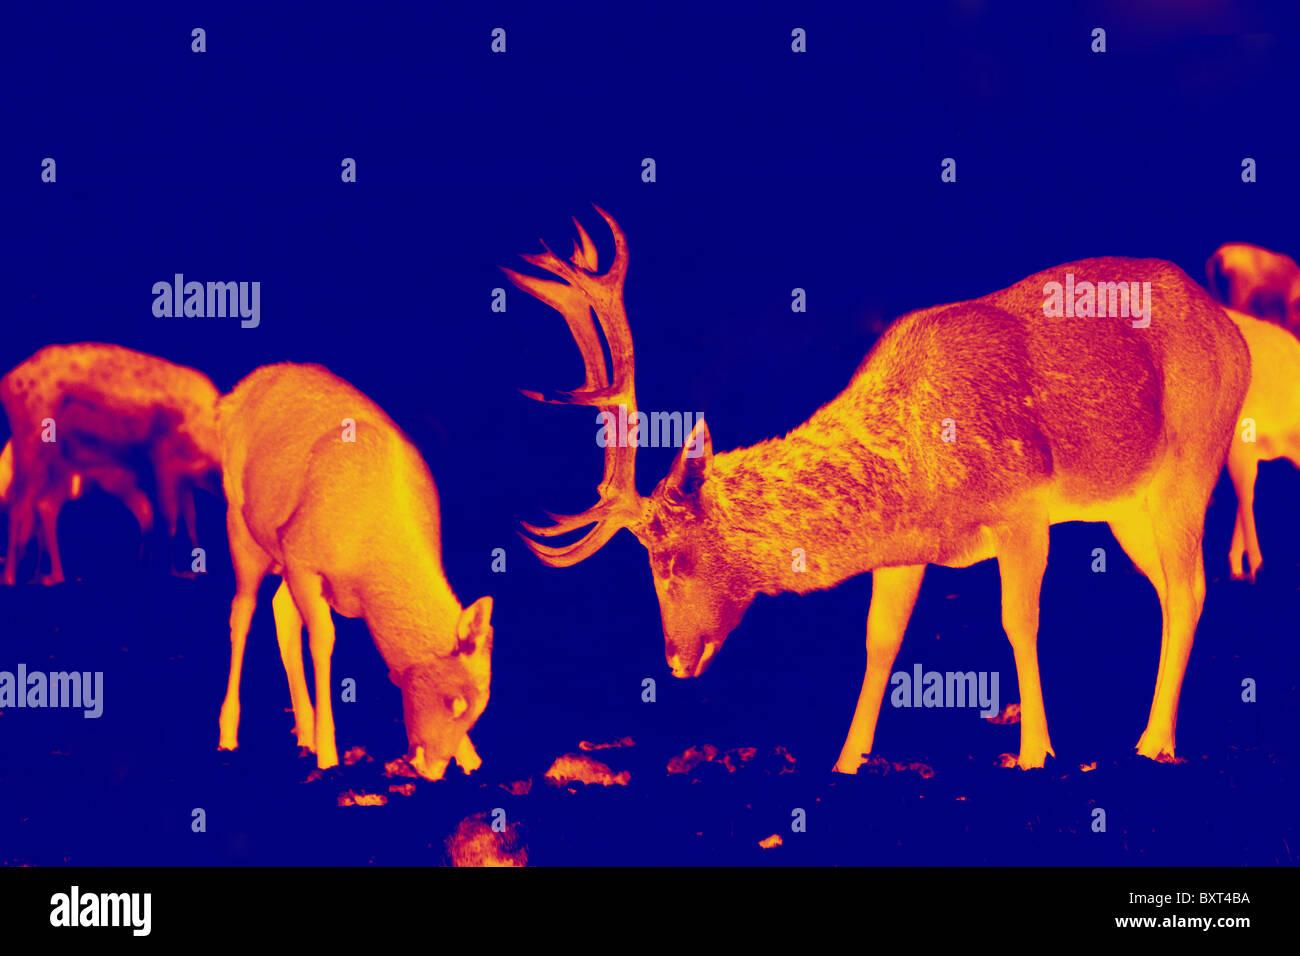 Rotwild und Hirsch in einem thermischen Infrarot-Digitalfoto als ein Heat-seeking räuberische Schuss erscheinen Stockbild